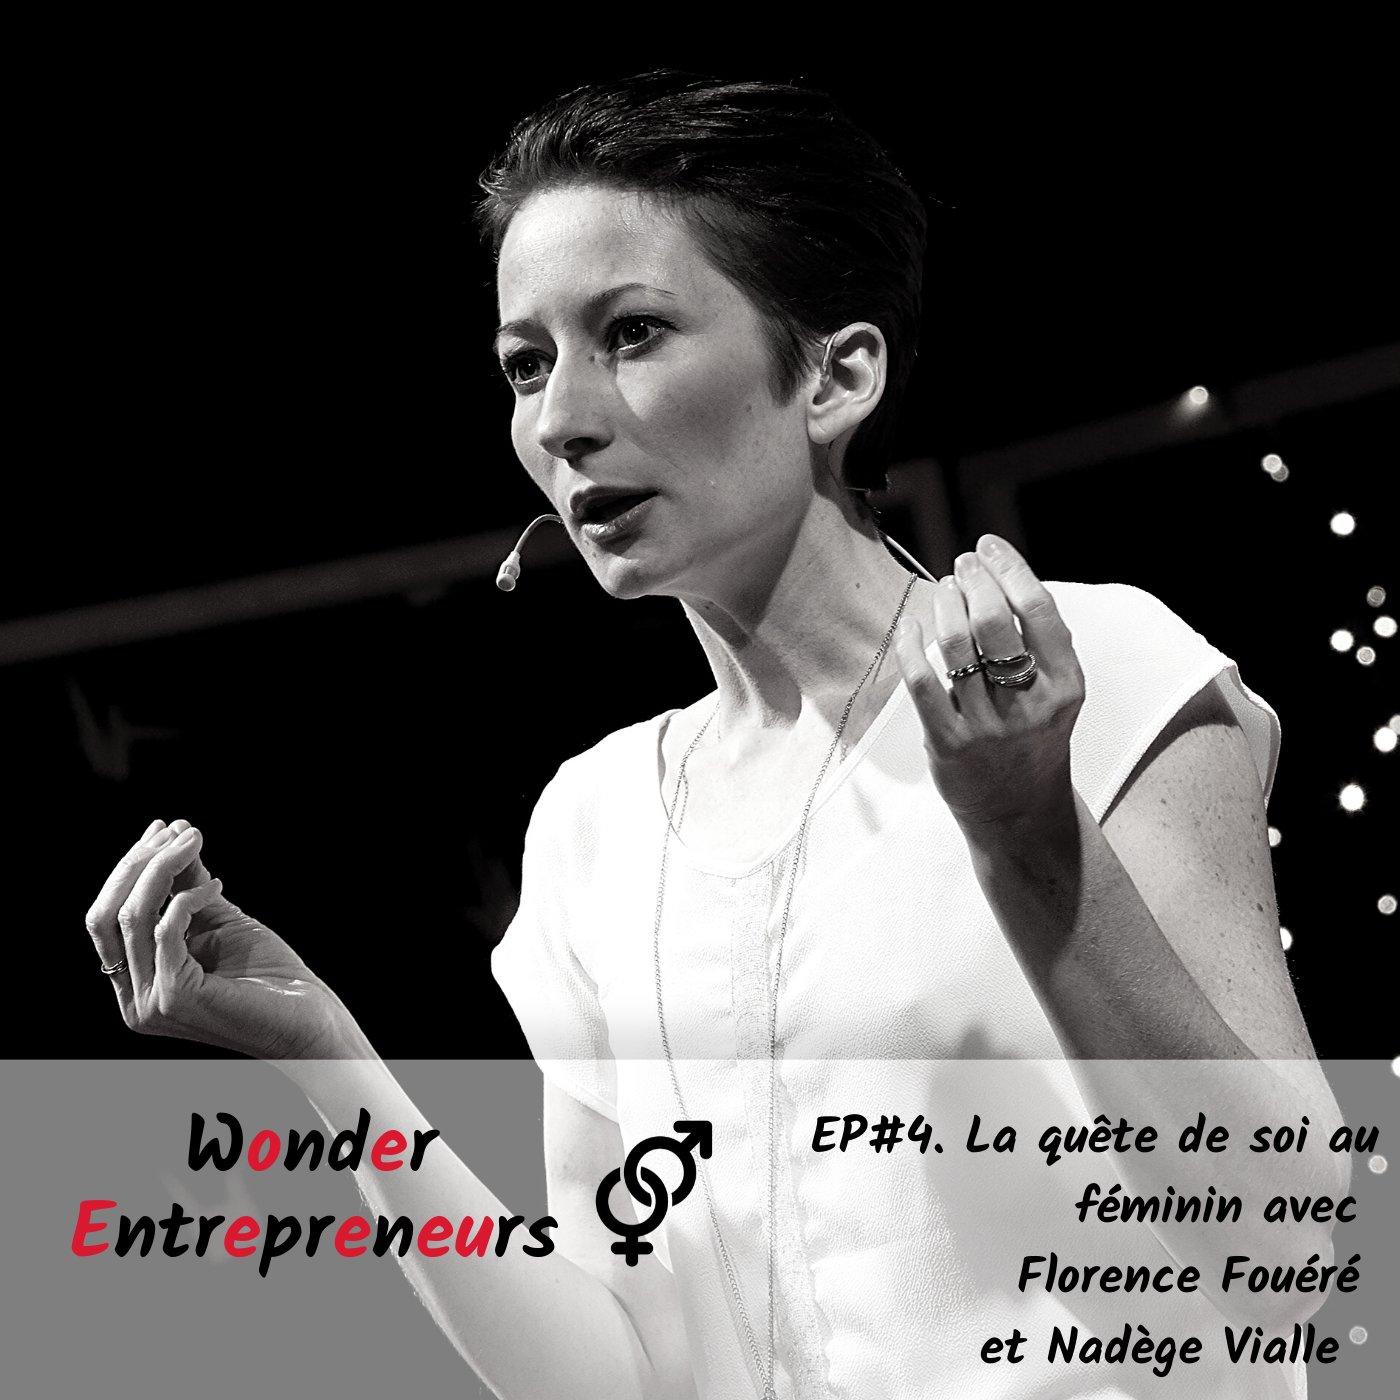 Ep 4 Ep 3 Wonder Entrepreneurs La quête de soi au féminin avec Florence Fouéré et Nadège Vialle